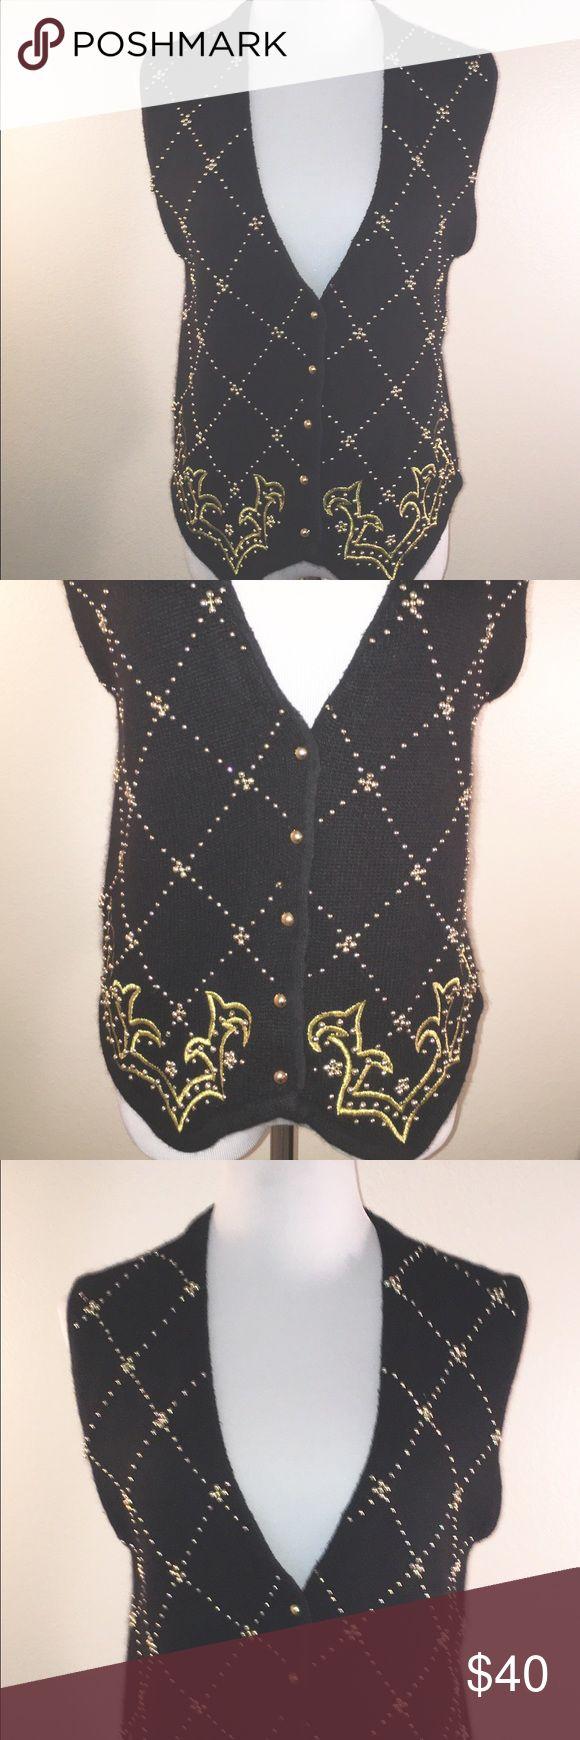 Karen Scott Evening Vest Gorgeous Karen Scott Evening Vest. Silk and angora blend. Absolutely stunning. Size medium. Karen Scott Tops